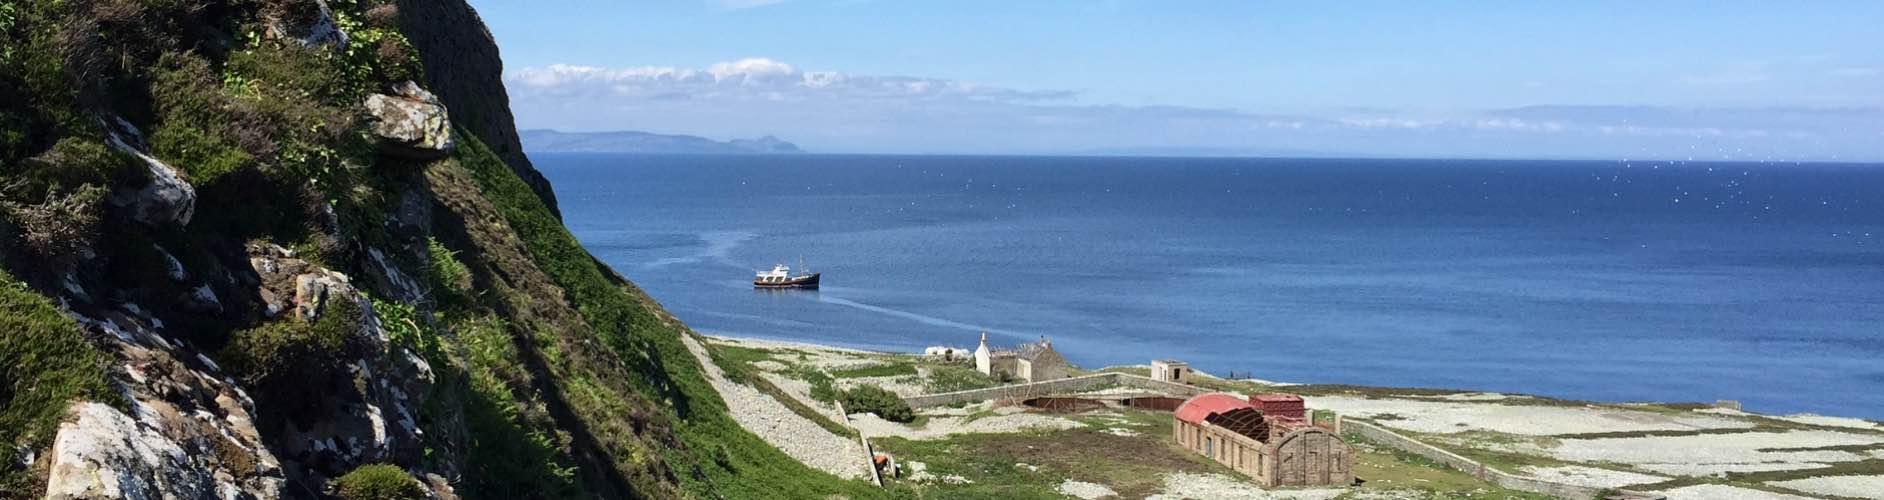 Family Cruise Holiday - Argyll Cruising | Scottish Island Cruises